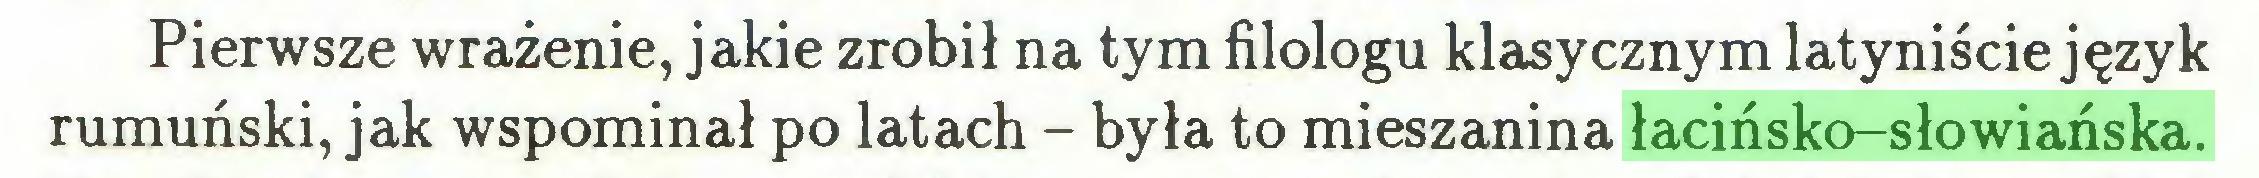 (...) Pierwsze wrażenie, jakie zrobił na tym filologu klasycznym latyniście język rumuński, jak wspominał po latach - była to mieszanina łacińsko-słowiańska...